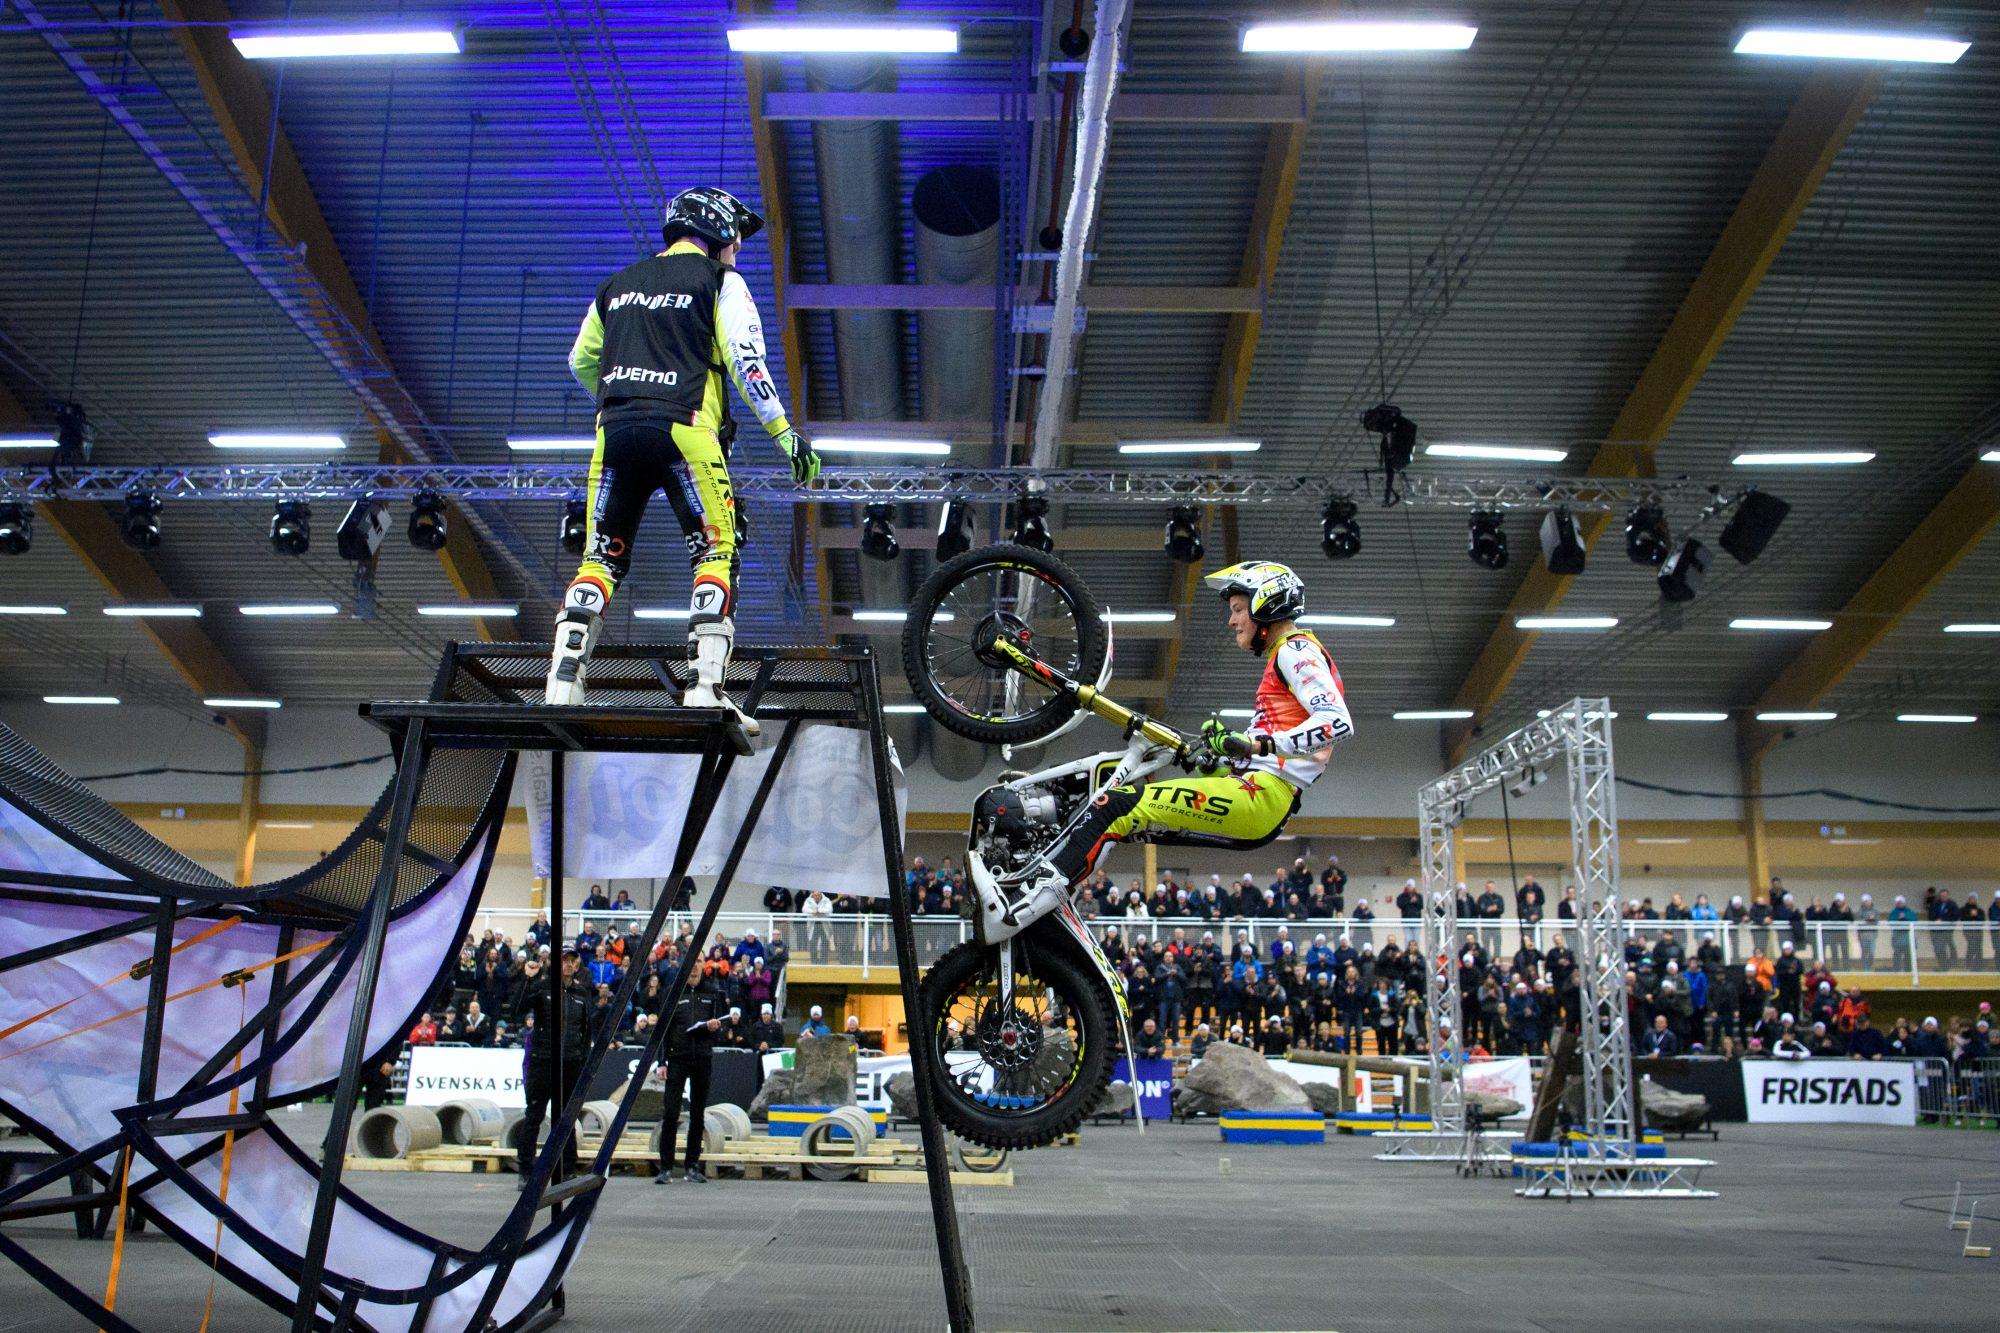 Sondre Haga, Riska Motorsykkelklubb, i finalen i x-trial.